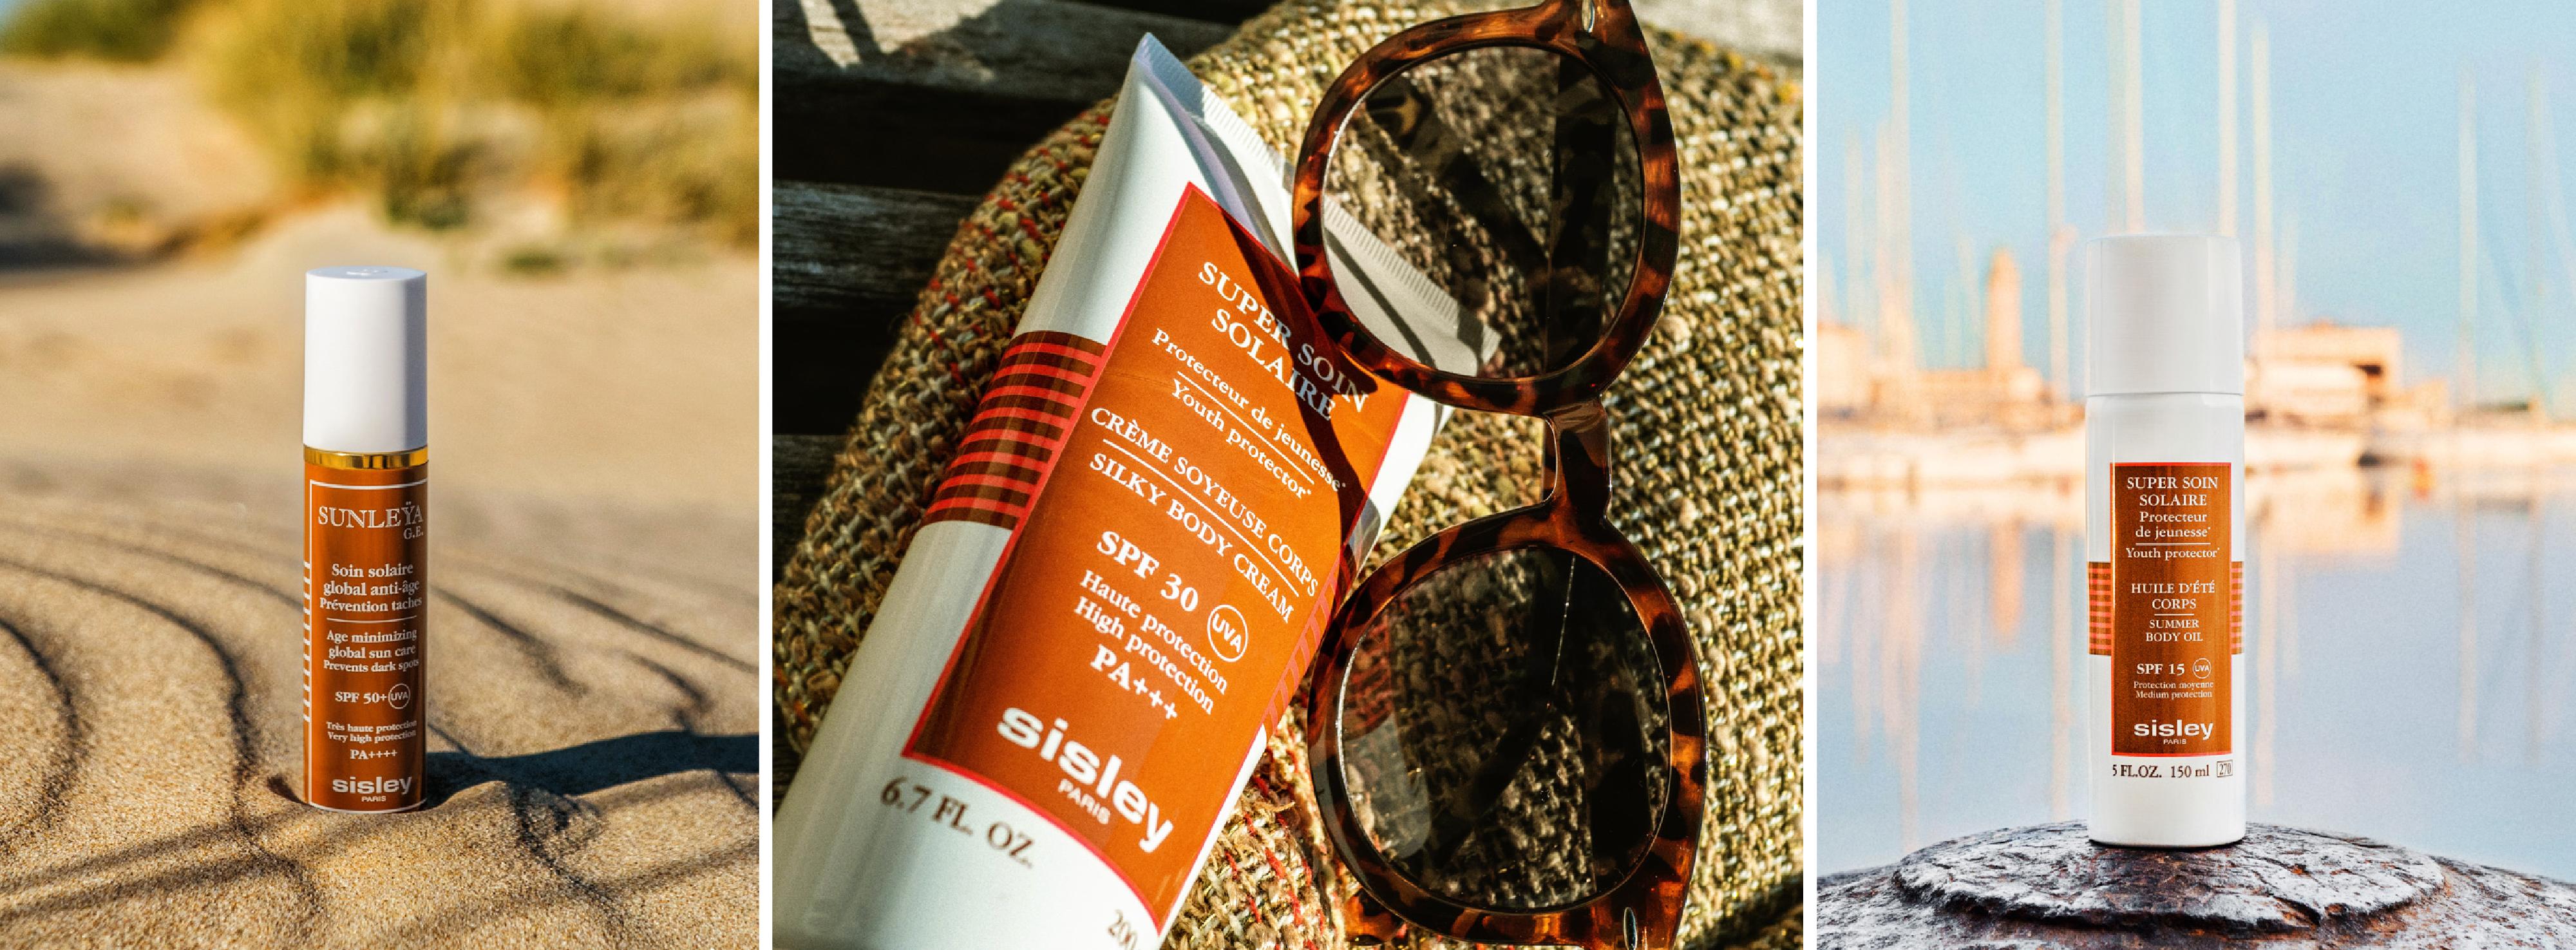 Solari per la tua estate by Sisley Paris: alta protezione per pelli magnifiche!